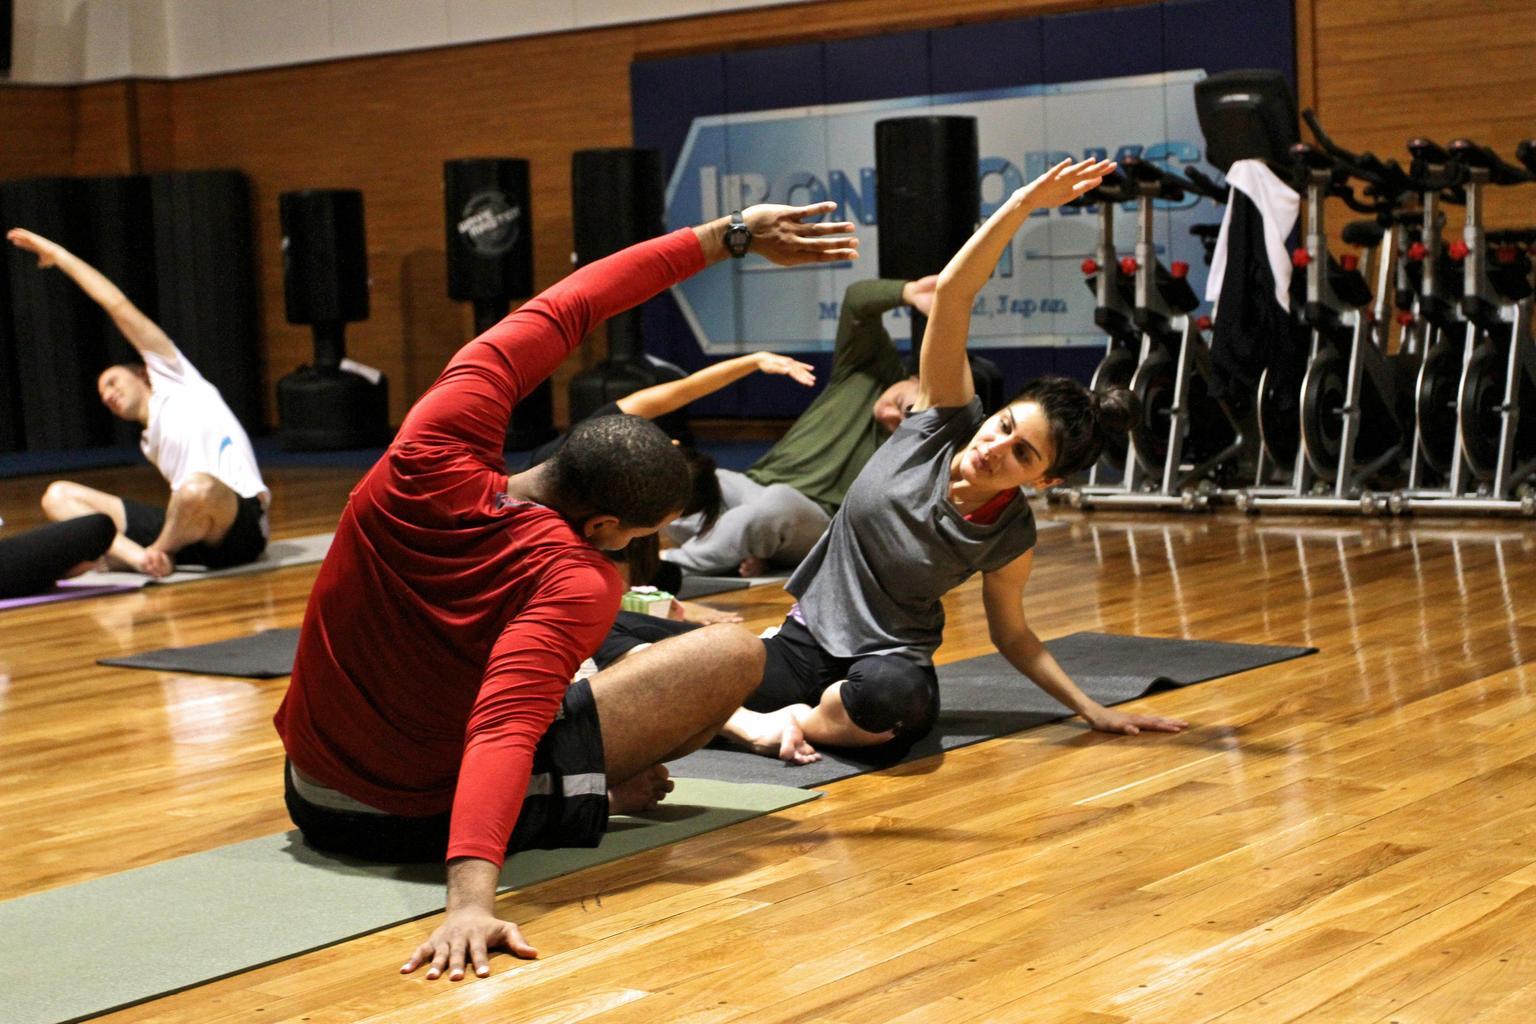 Разминка перед тренировкой в тренажерном зале: лучшие упражнения для разогрева мышц